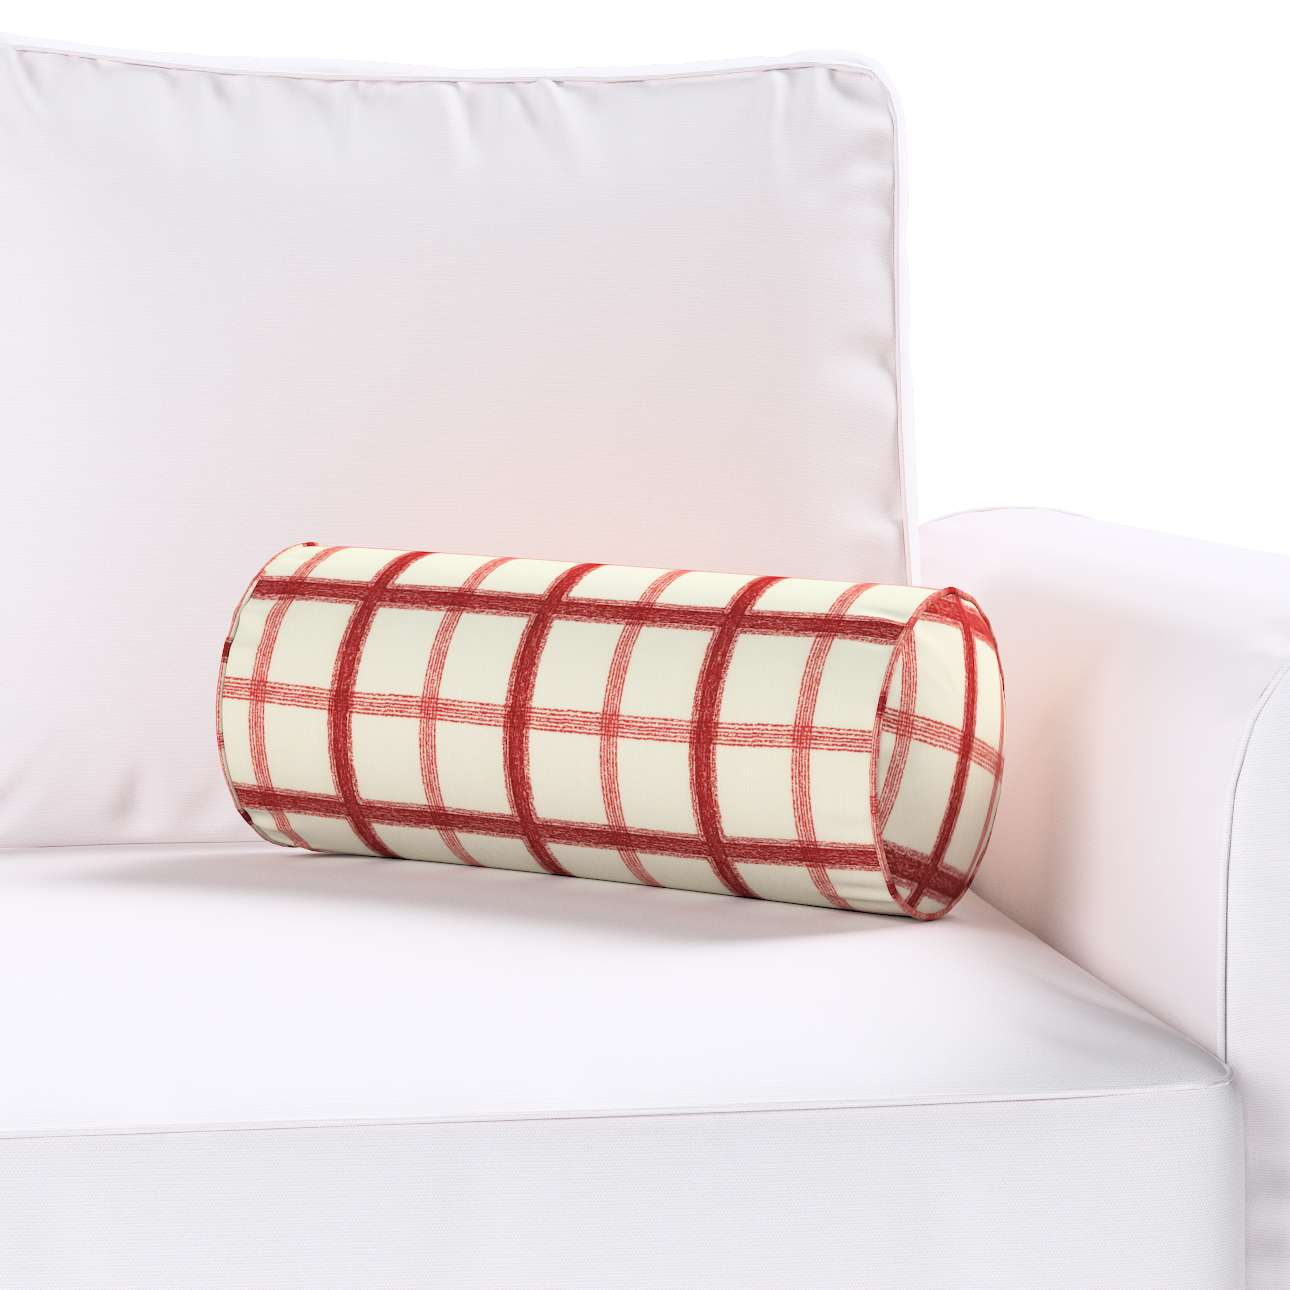 Poduszka wałek prosty Ø 16 x 40 cm w kolekcji Avinon, tkanina: 131-15